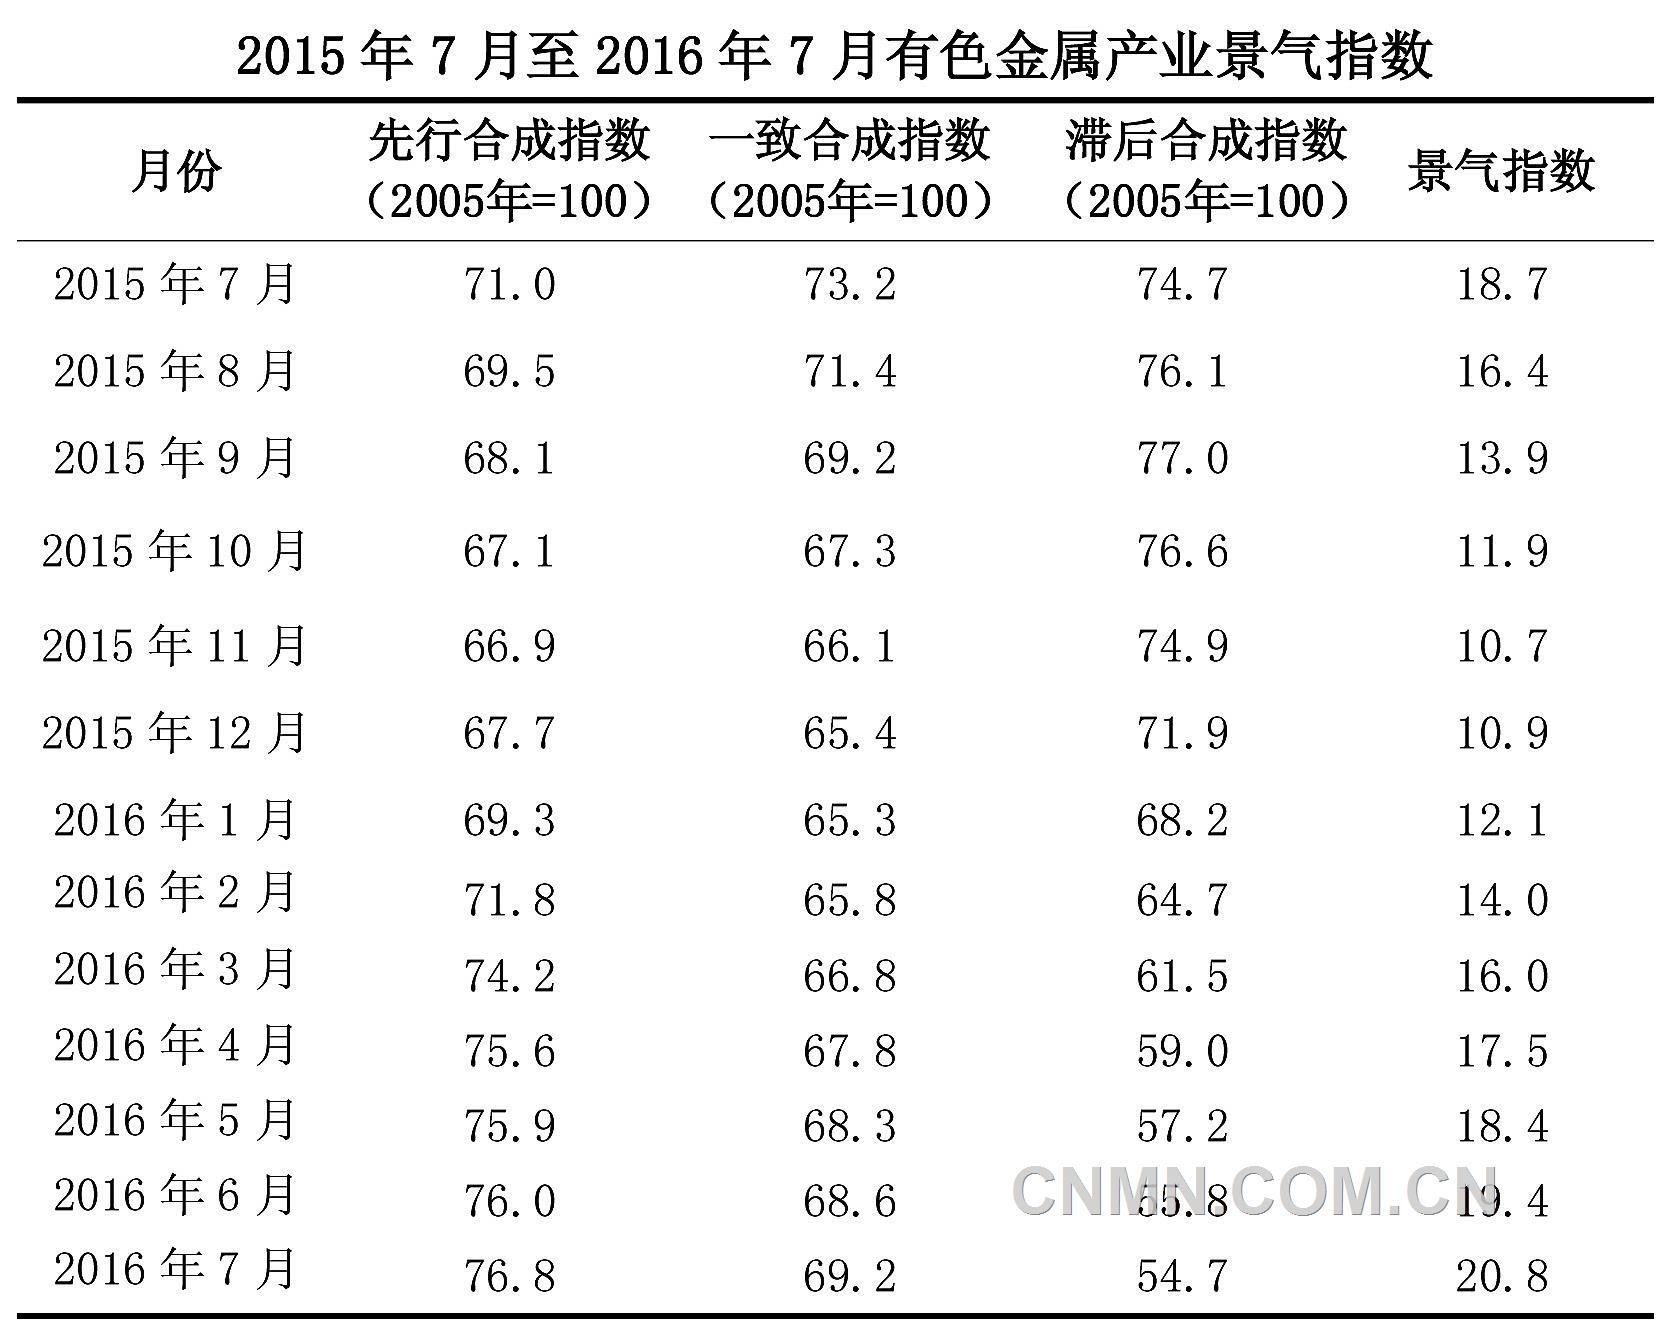 铜产业景气指数呈现小幅震荡上升趋势